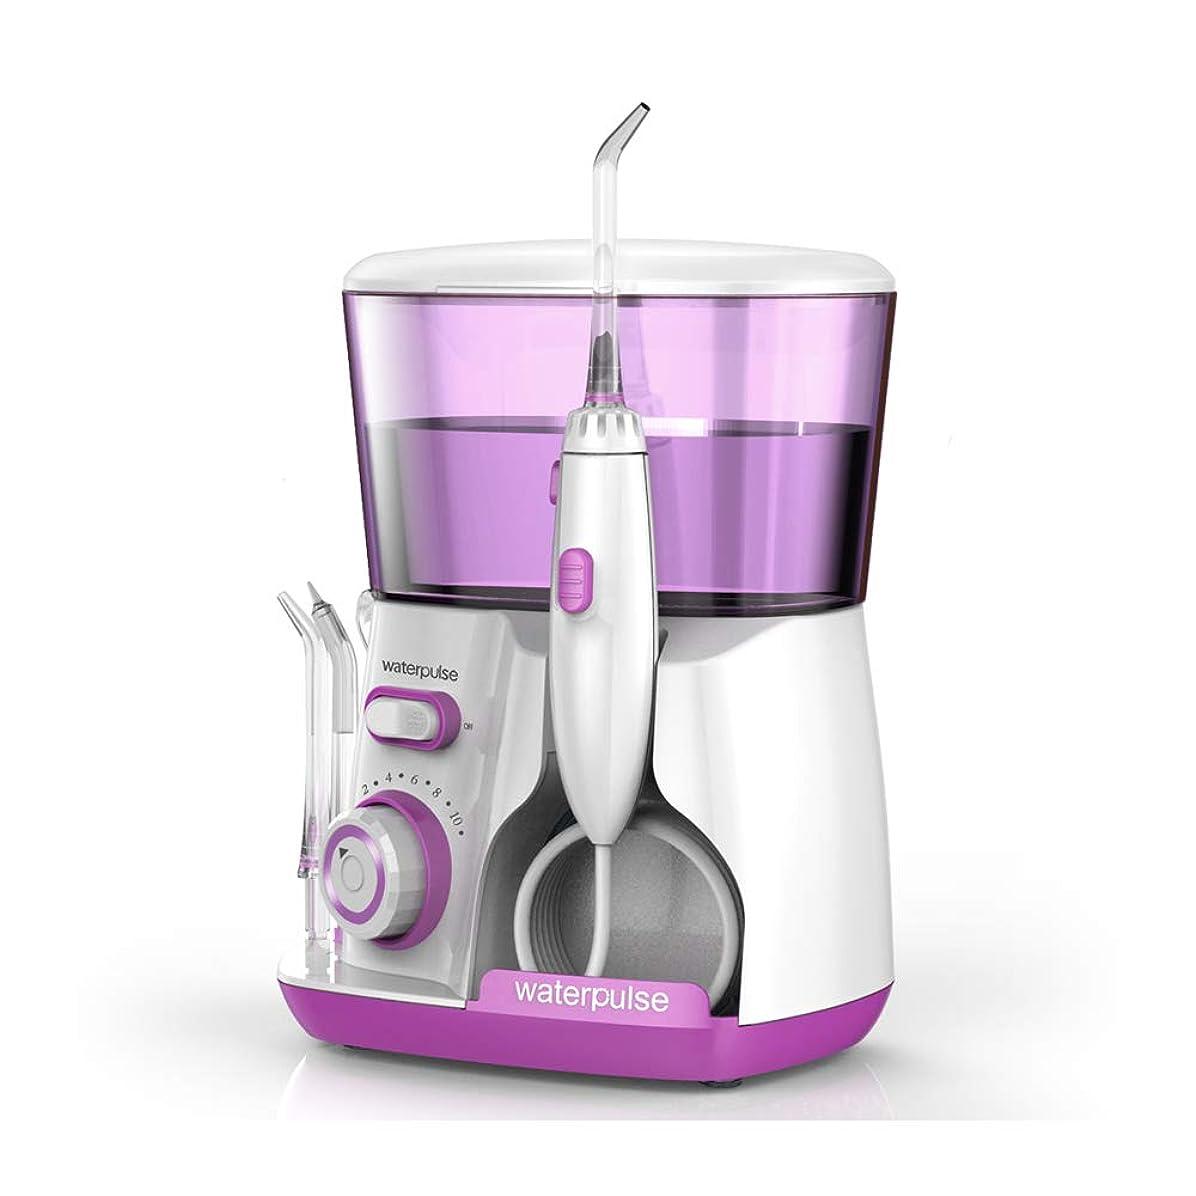 ランプ定刻進行中Loboo Idea V300 赤い歯洗濯機水フロスデンタルクリーナー口腔洗浄器、自由に調整可能な10種類の歯車、5種類のノズルを含む、歯の清掃が360度容易、あなたの歯のニーズを満たすために (V300R, 紫色)